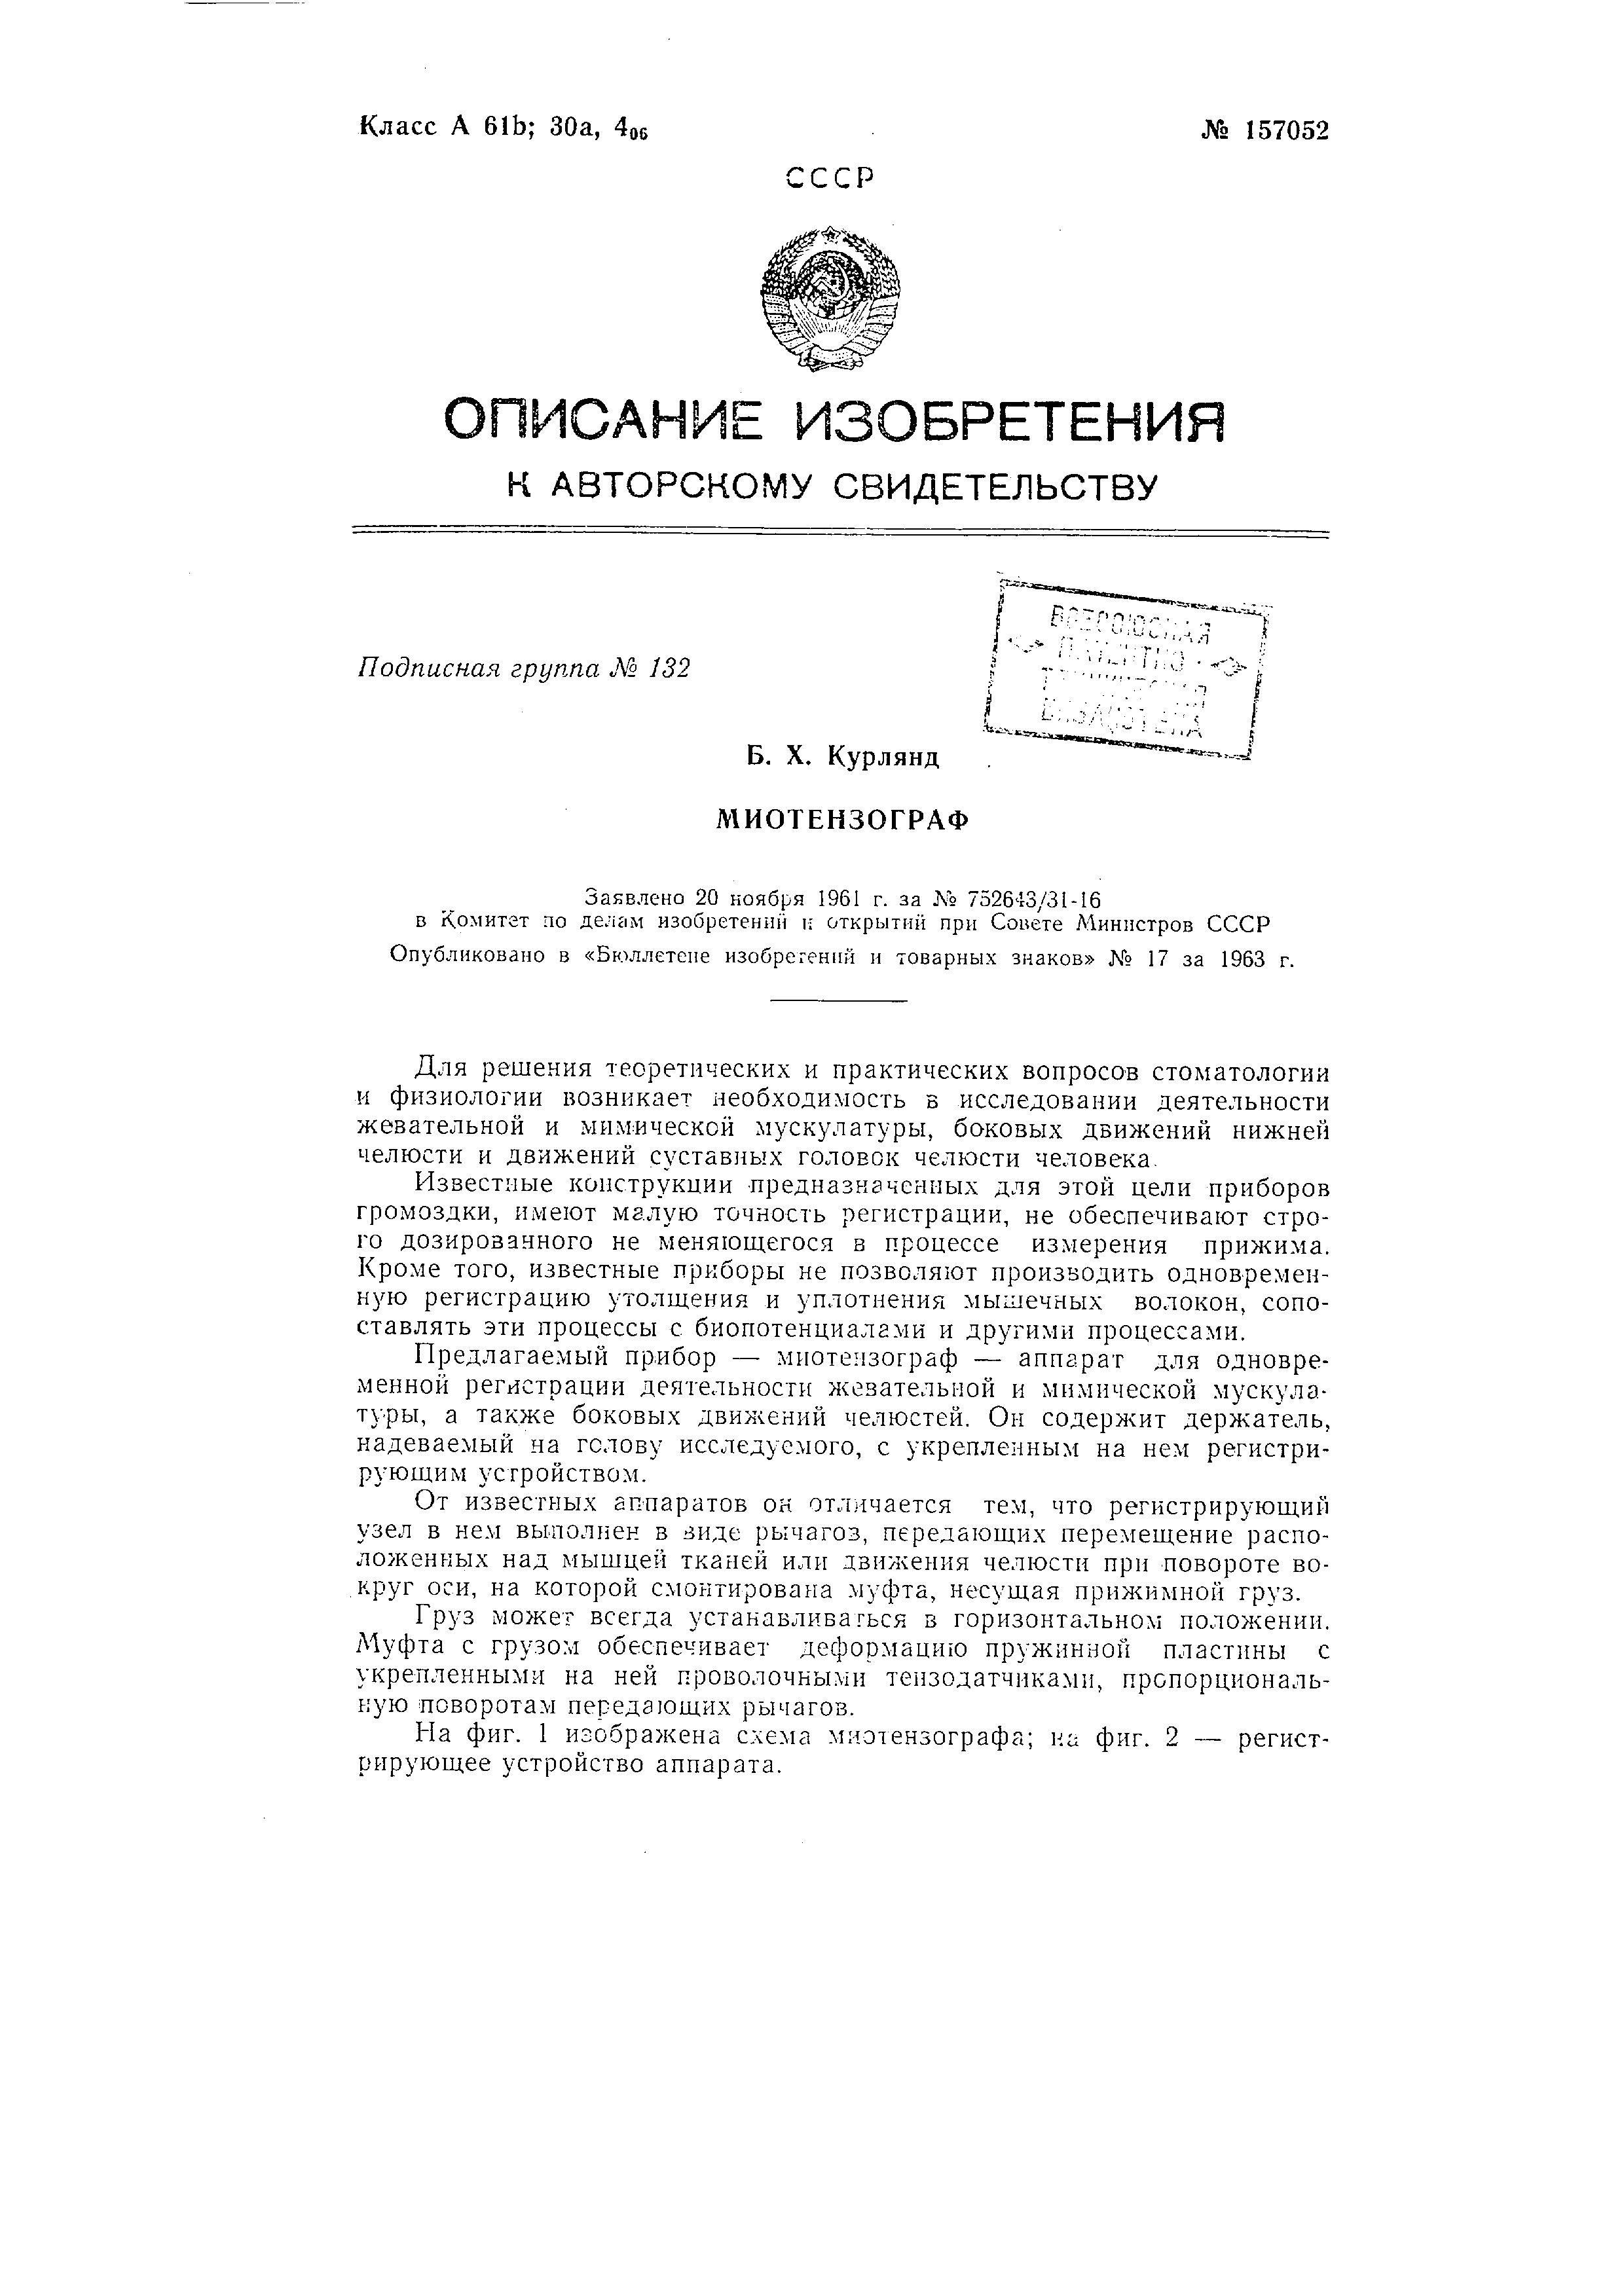 Кинестезиометр фото